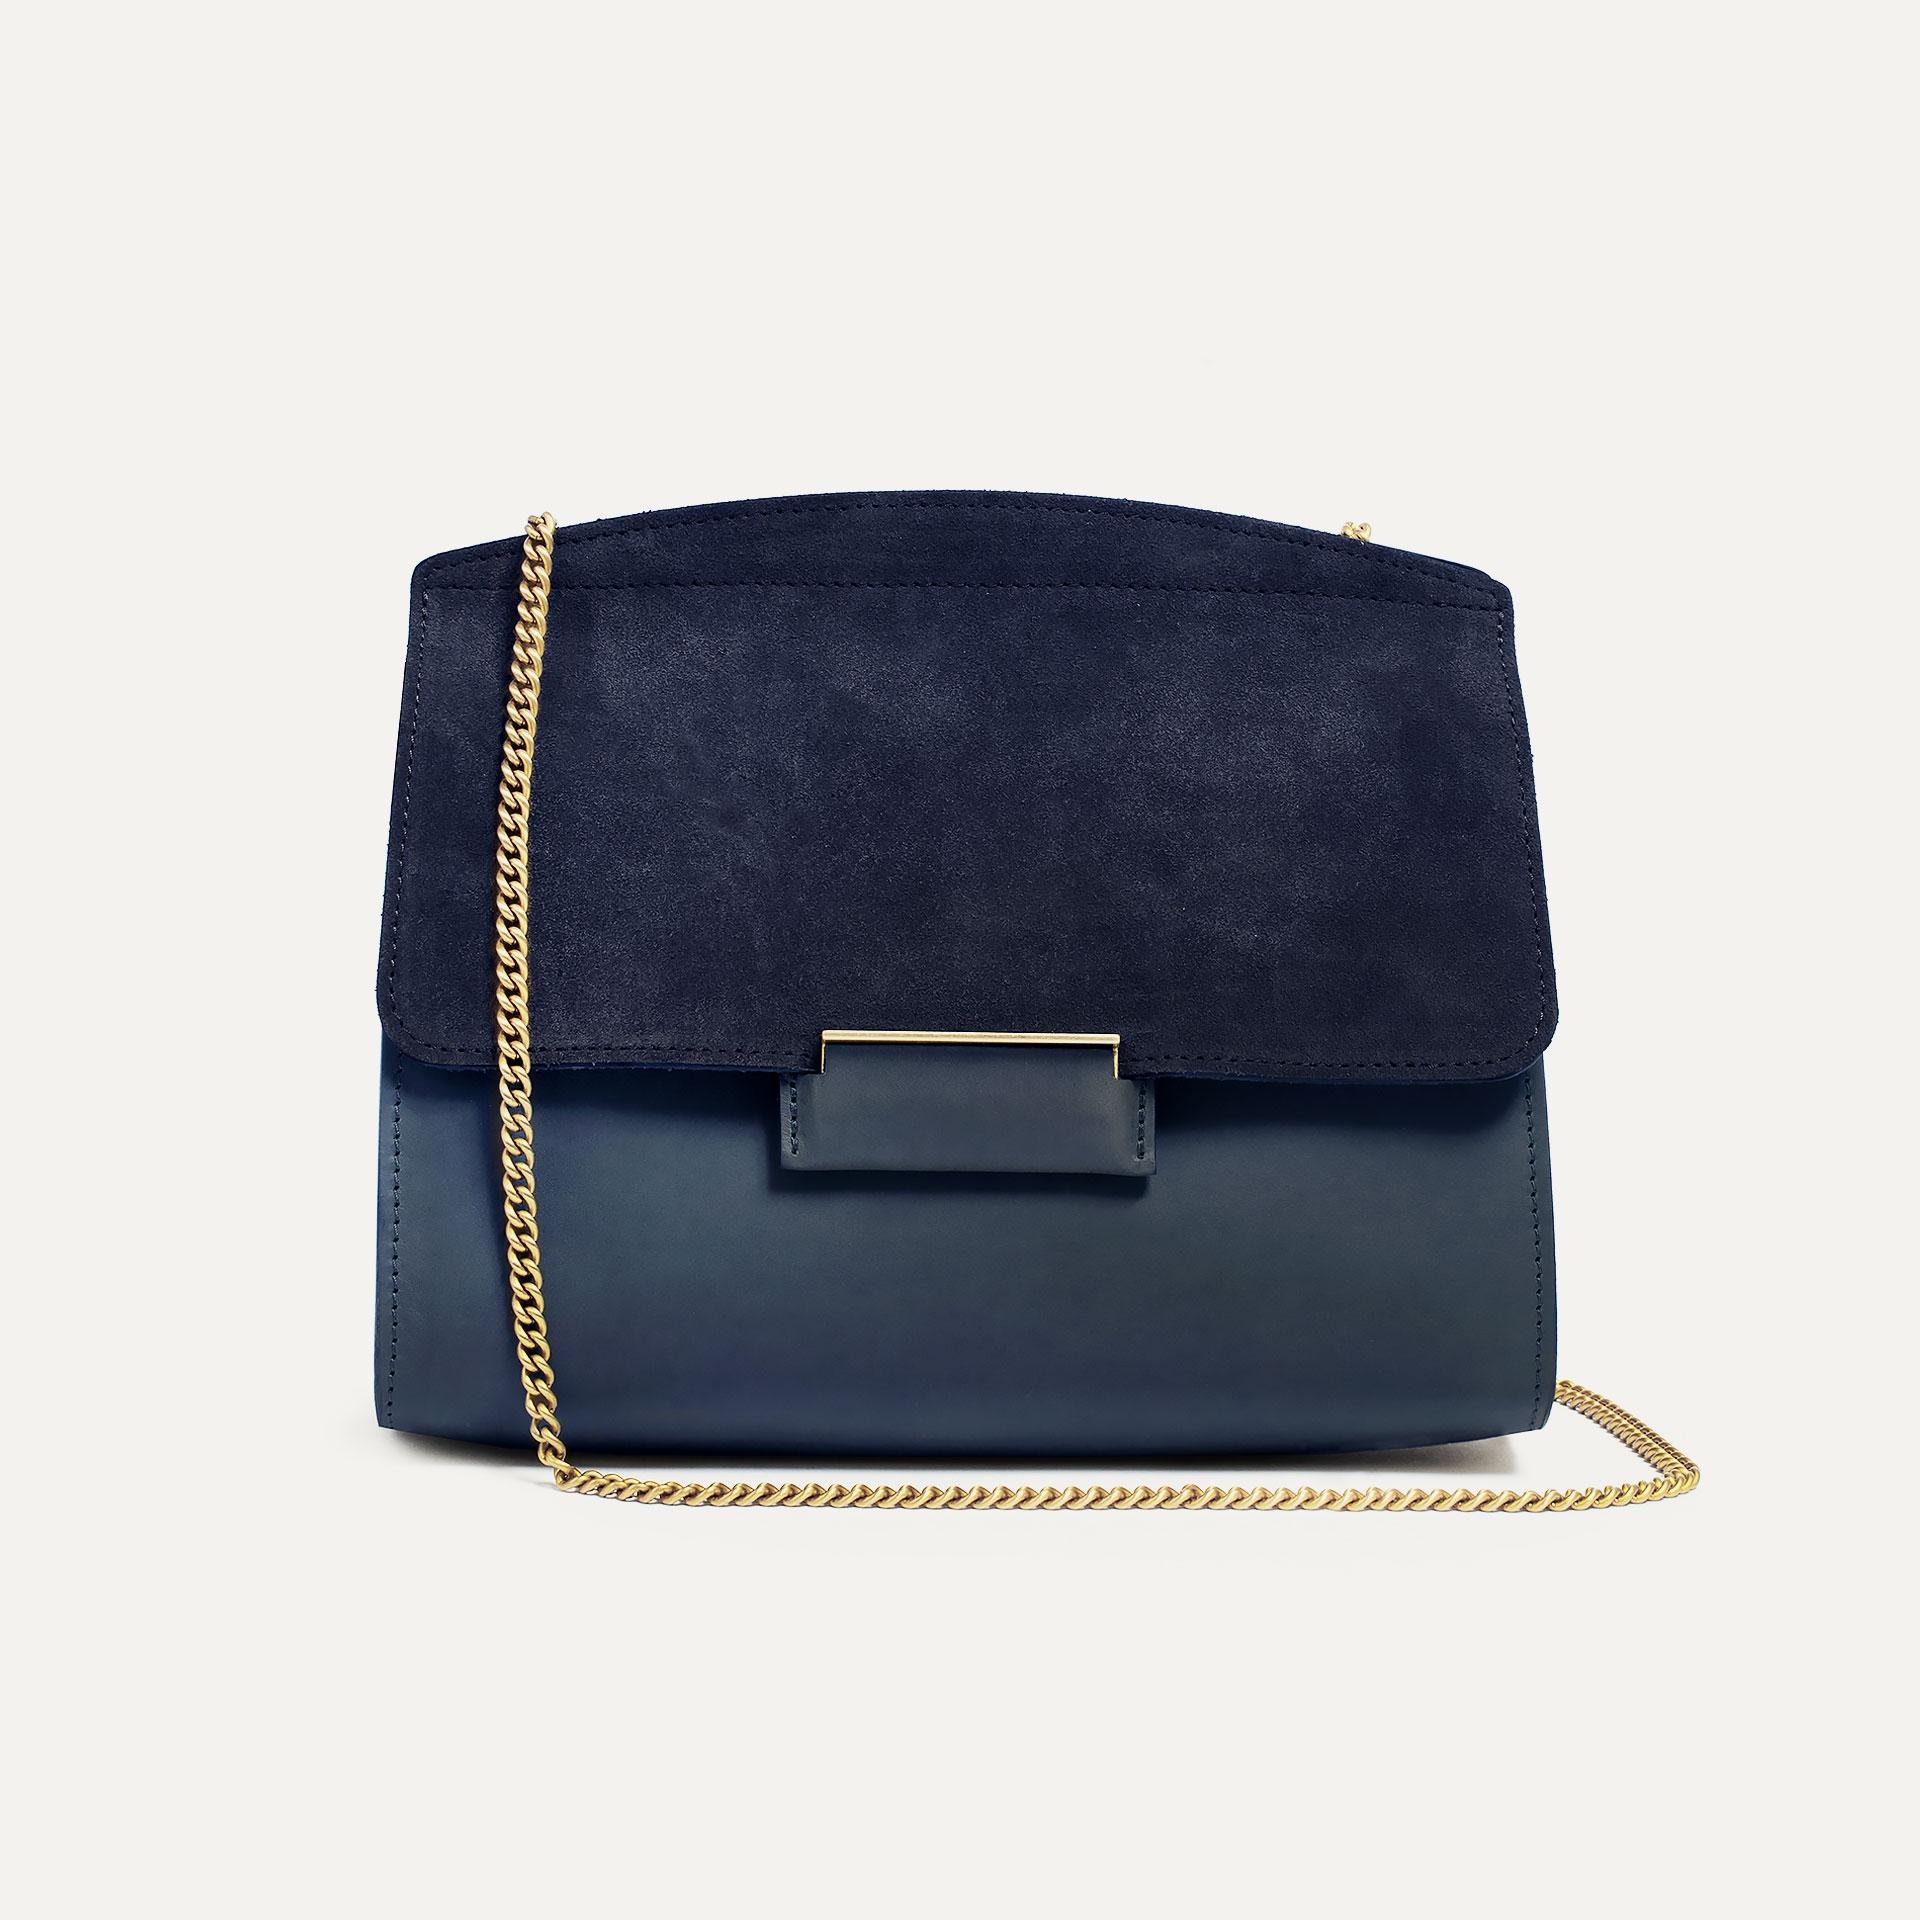 Origami S clutch bag - Marine Blue (image n°2)